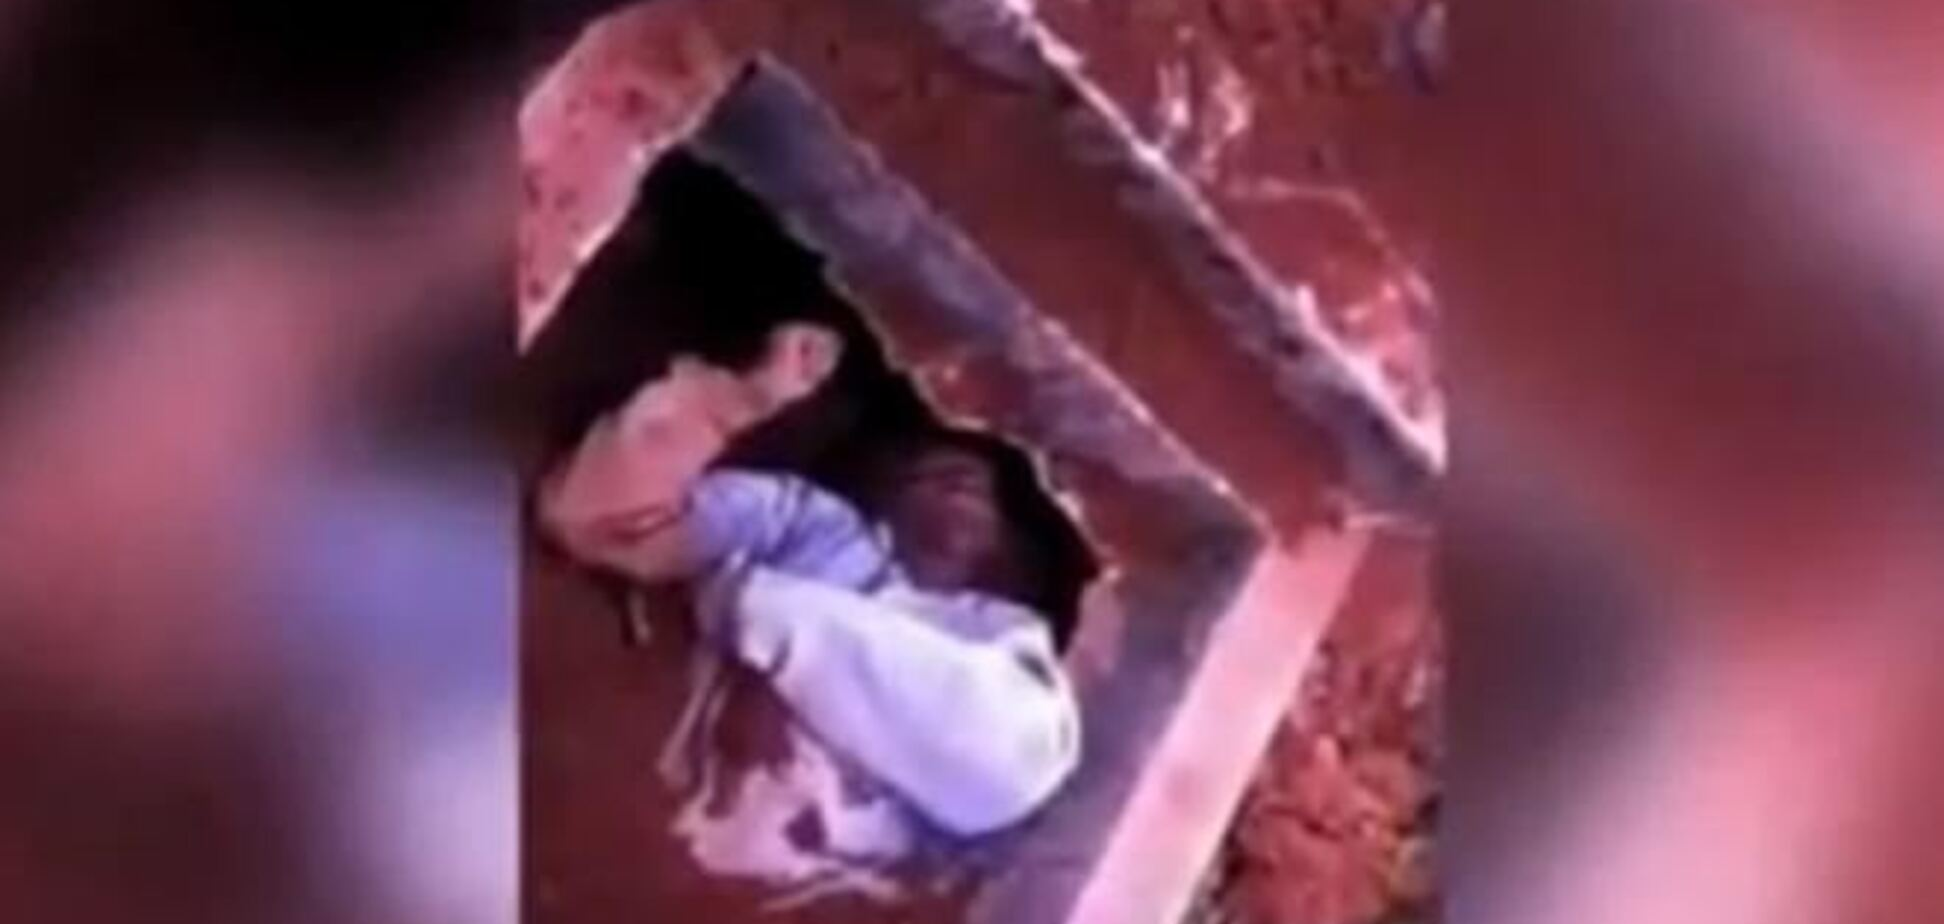 В Бразилии из могилы выкопали живого мужчину